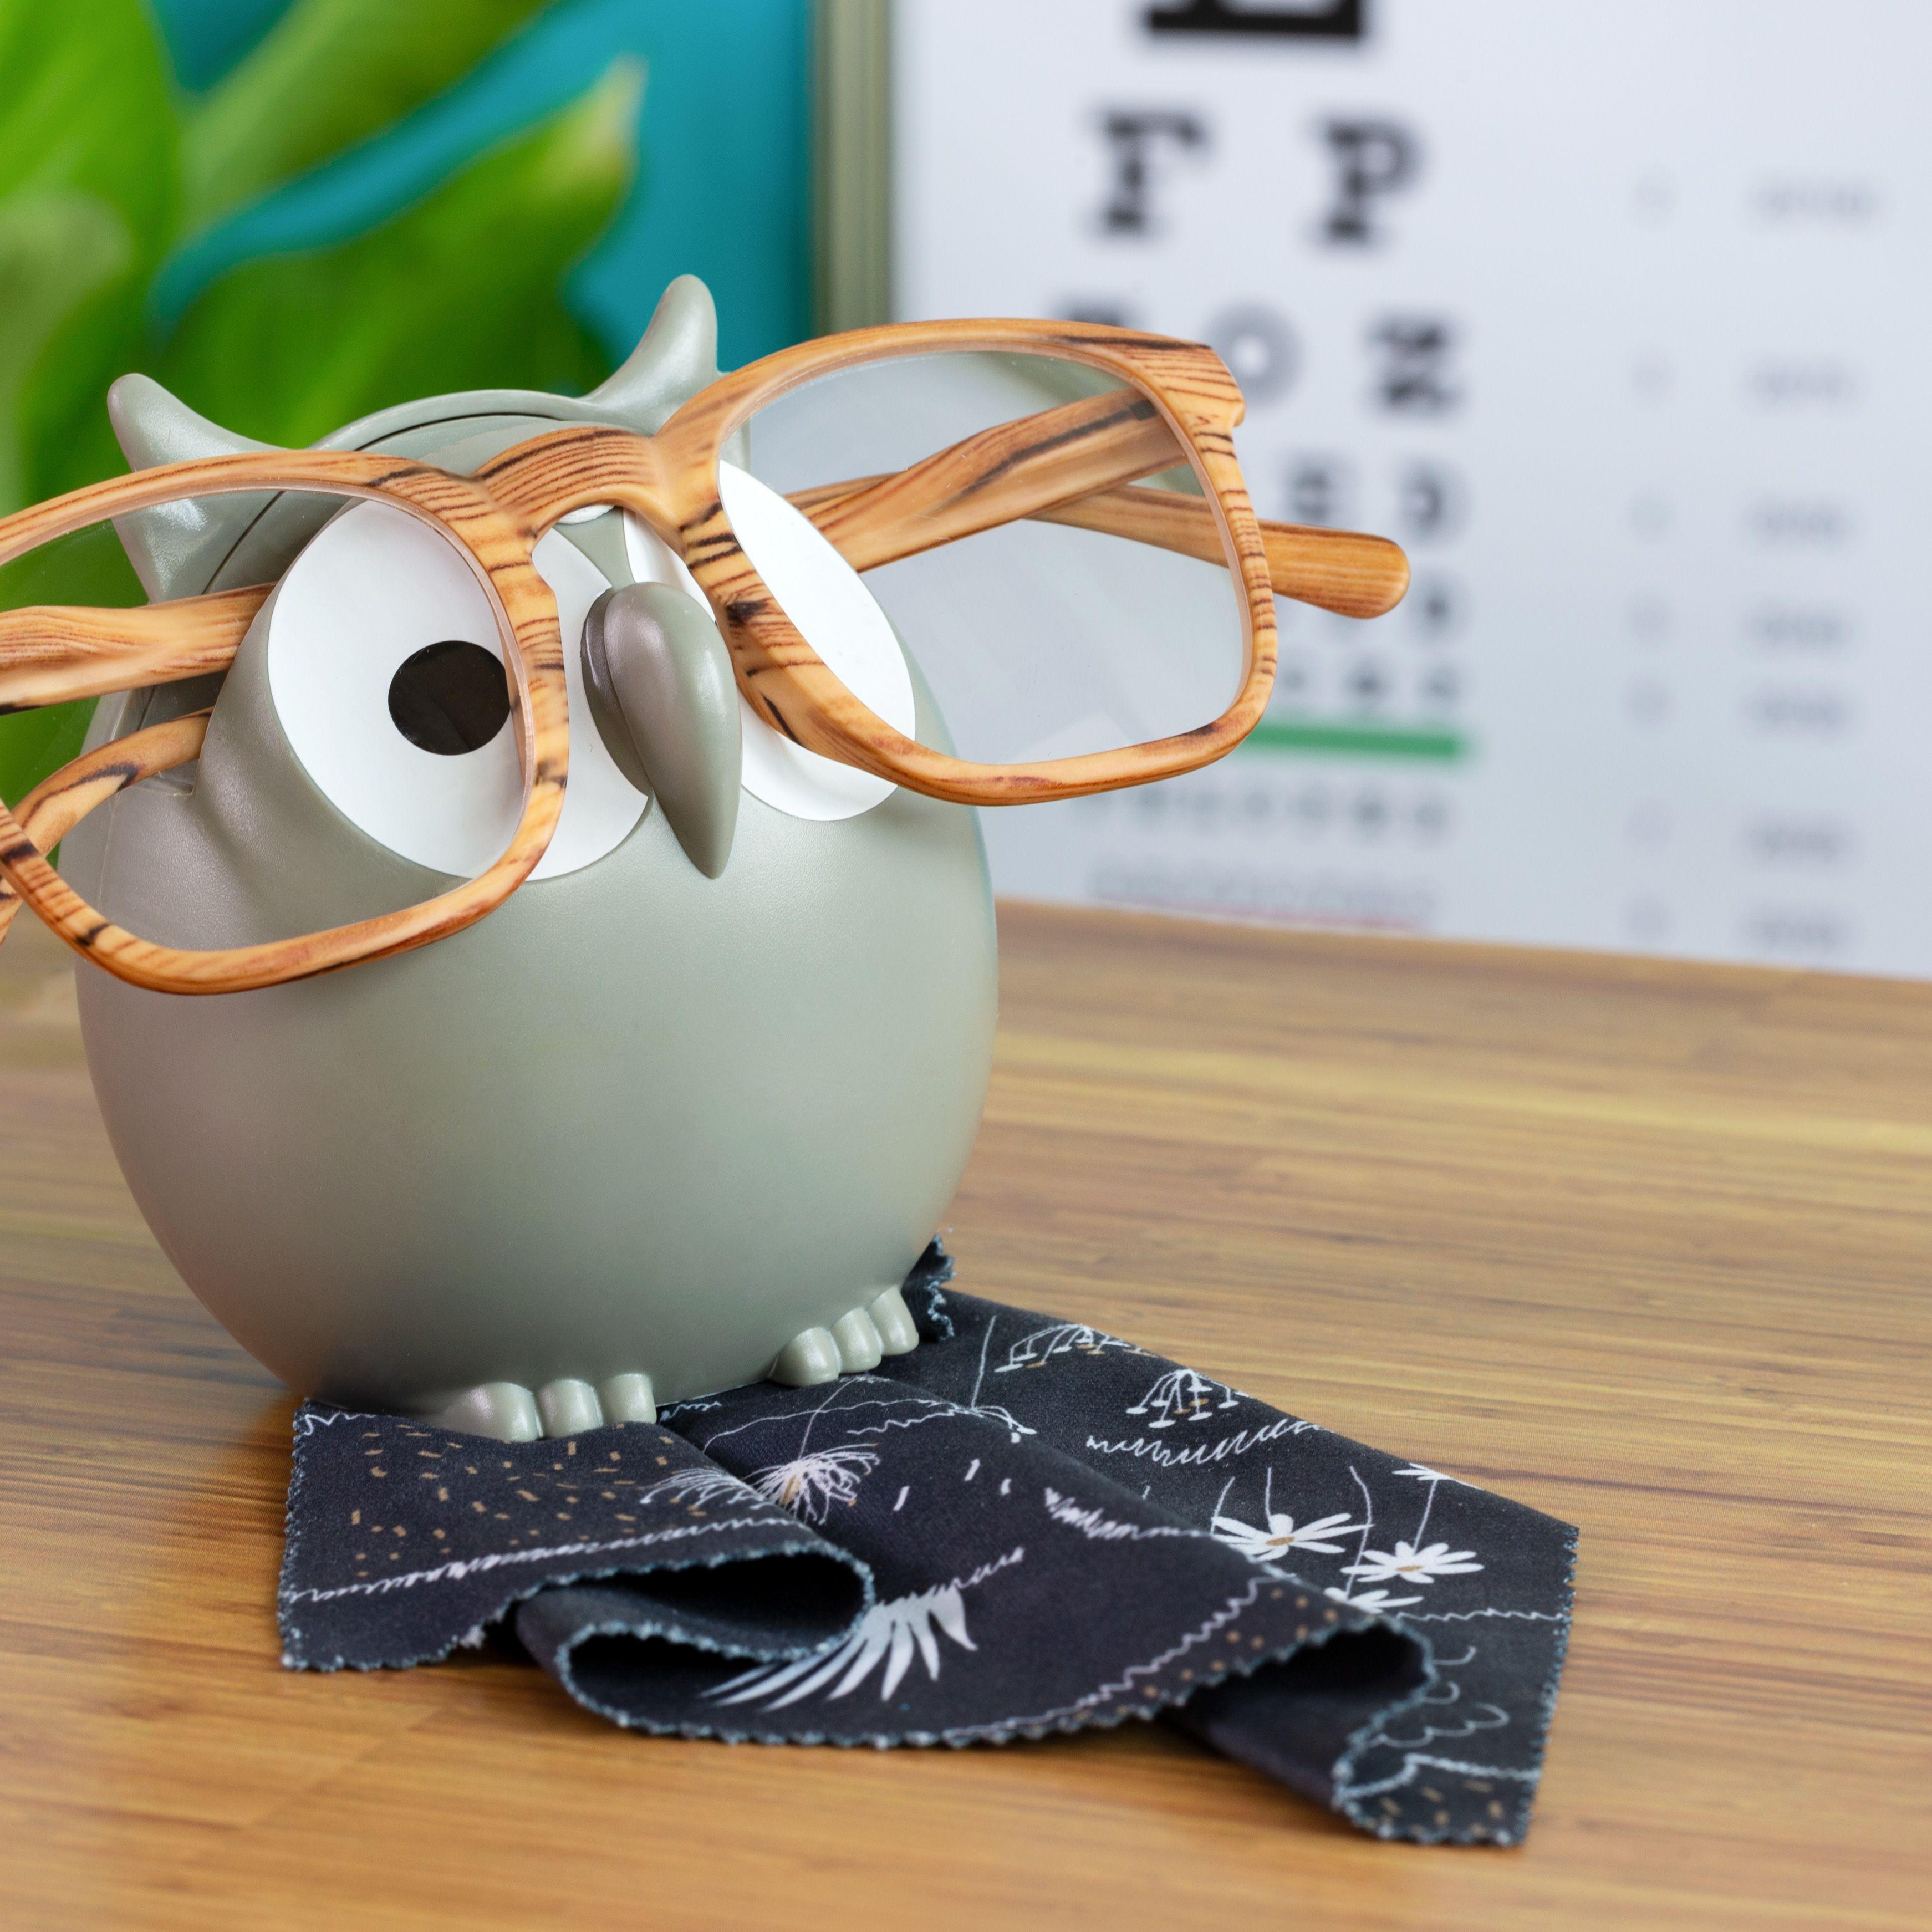 offre spéciale grandes variétés Vente chaude 2019 Porte / Repose lunettes - Owl en 2019   Porte lunettes ...